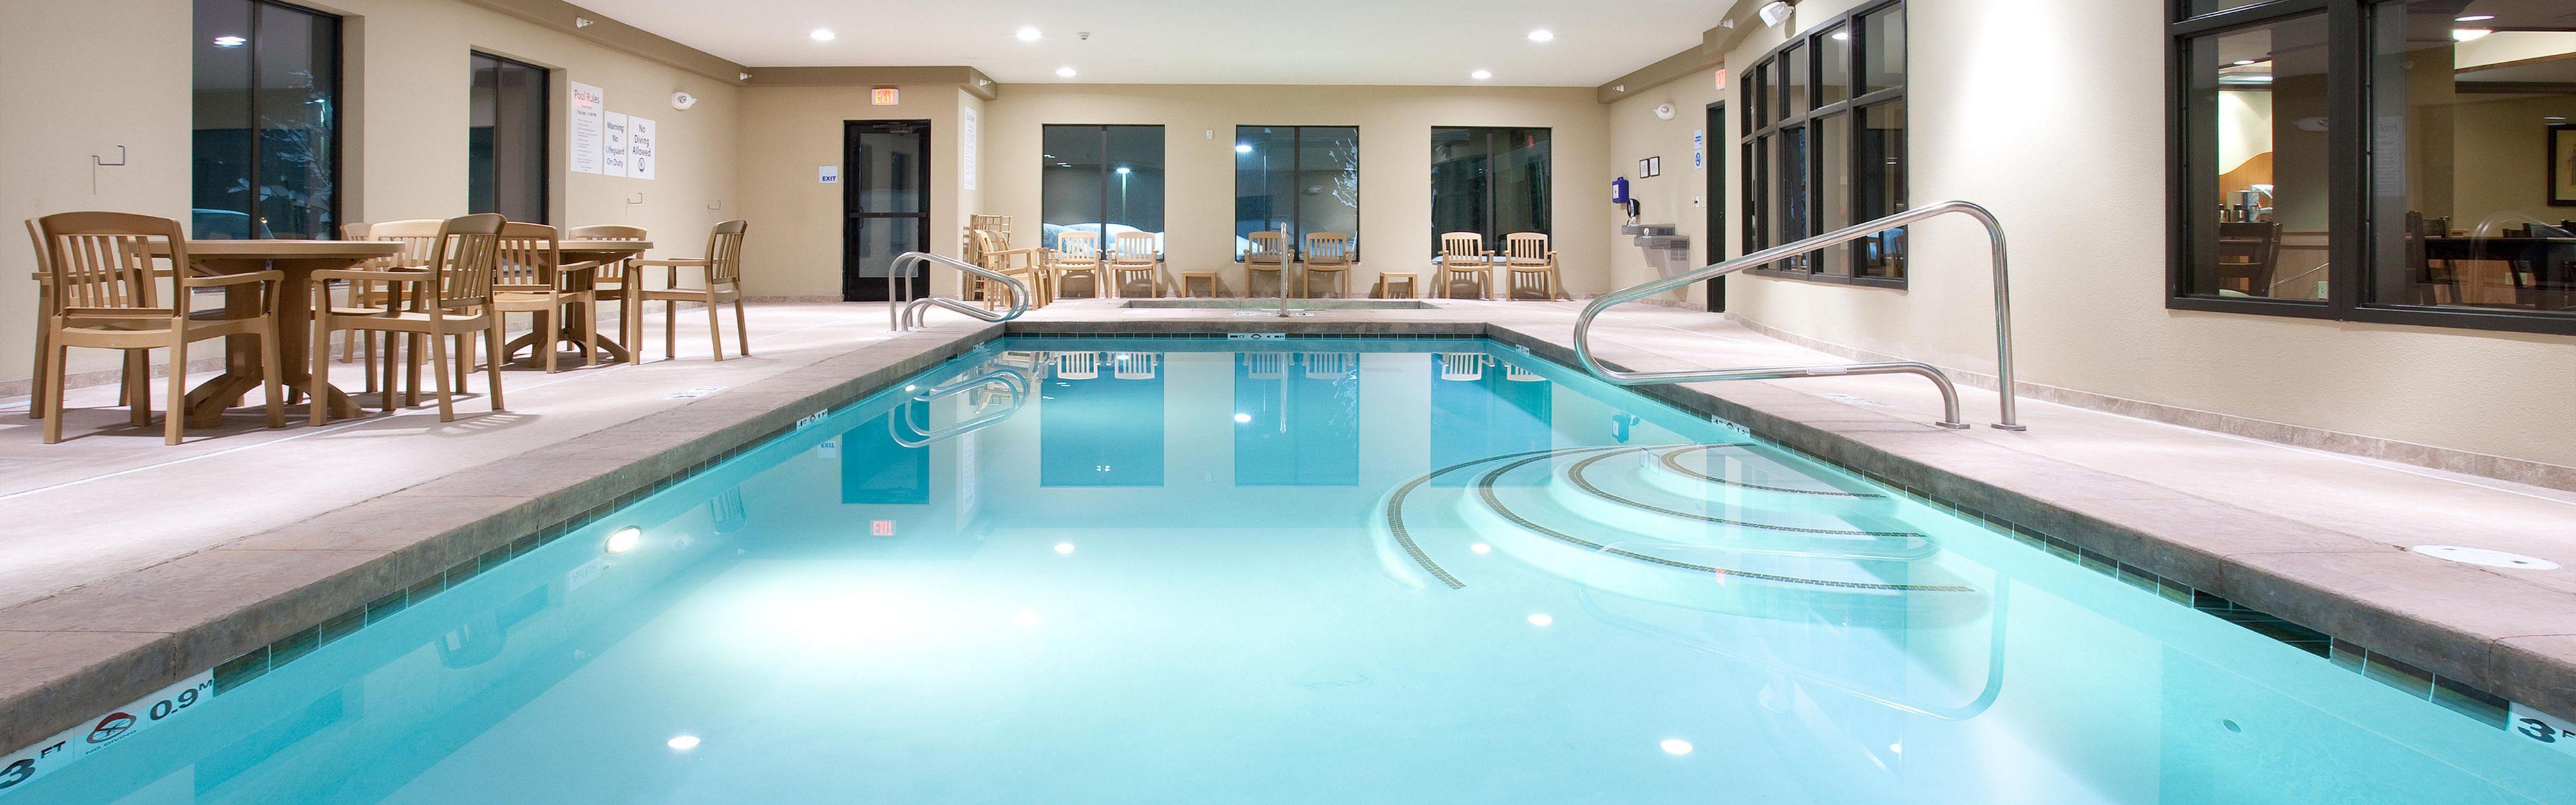 Holiday Inn Express & Suites Lander image 2